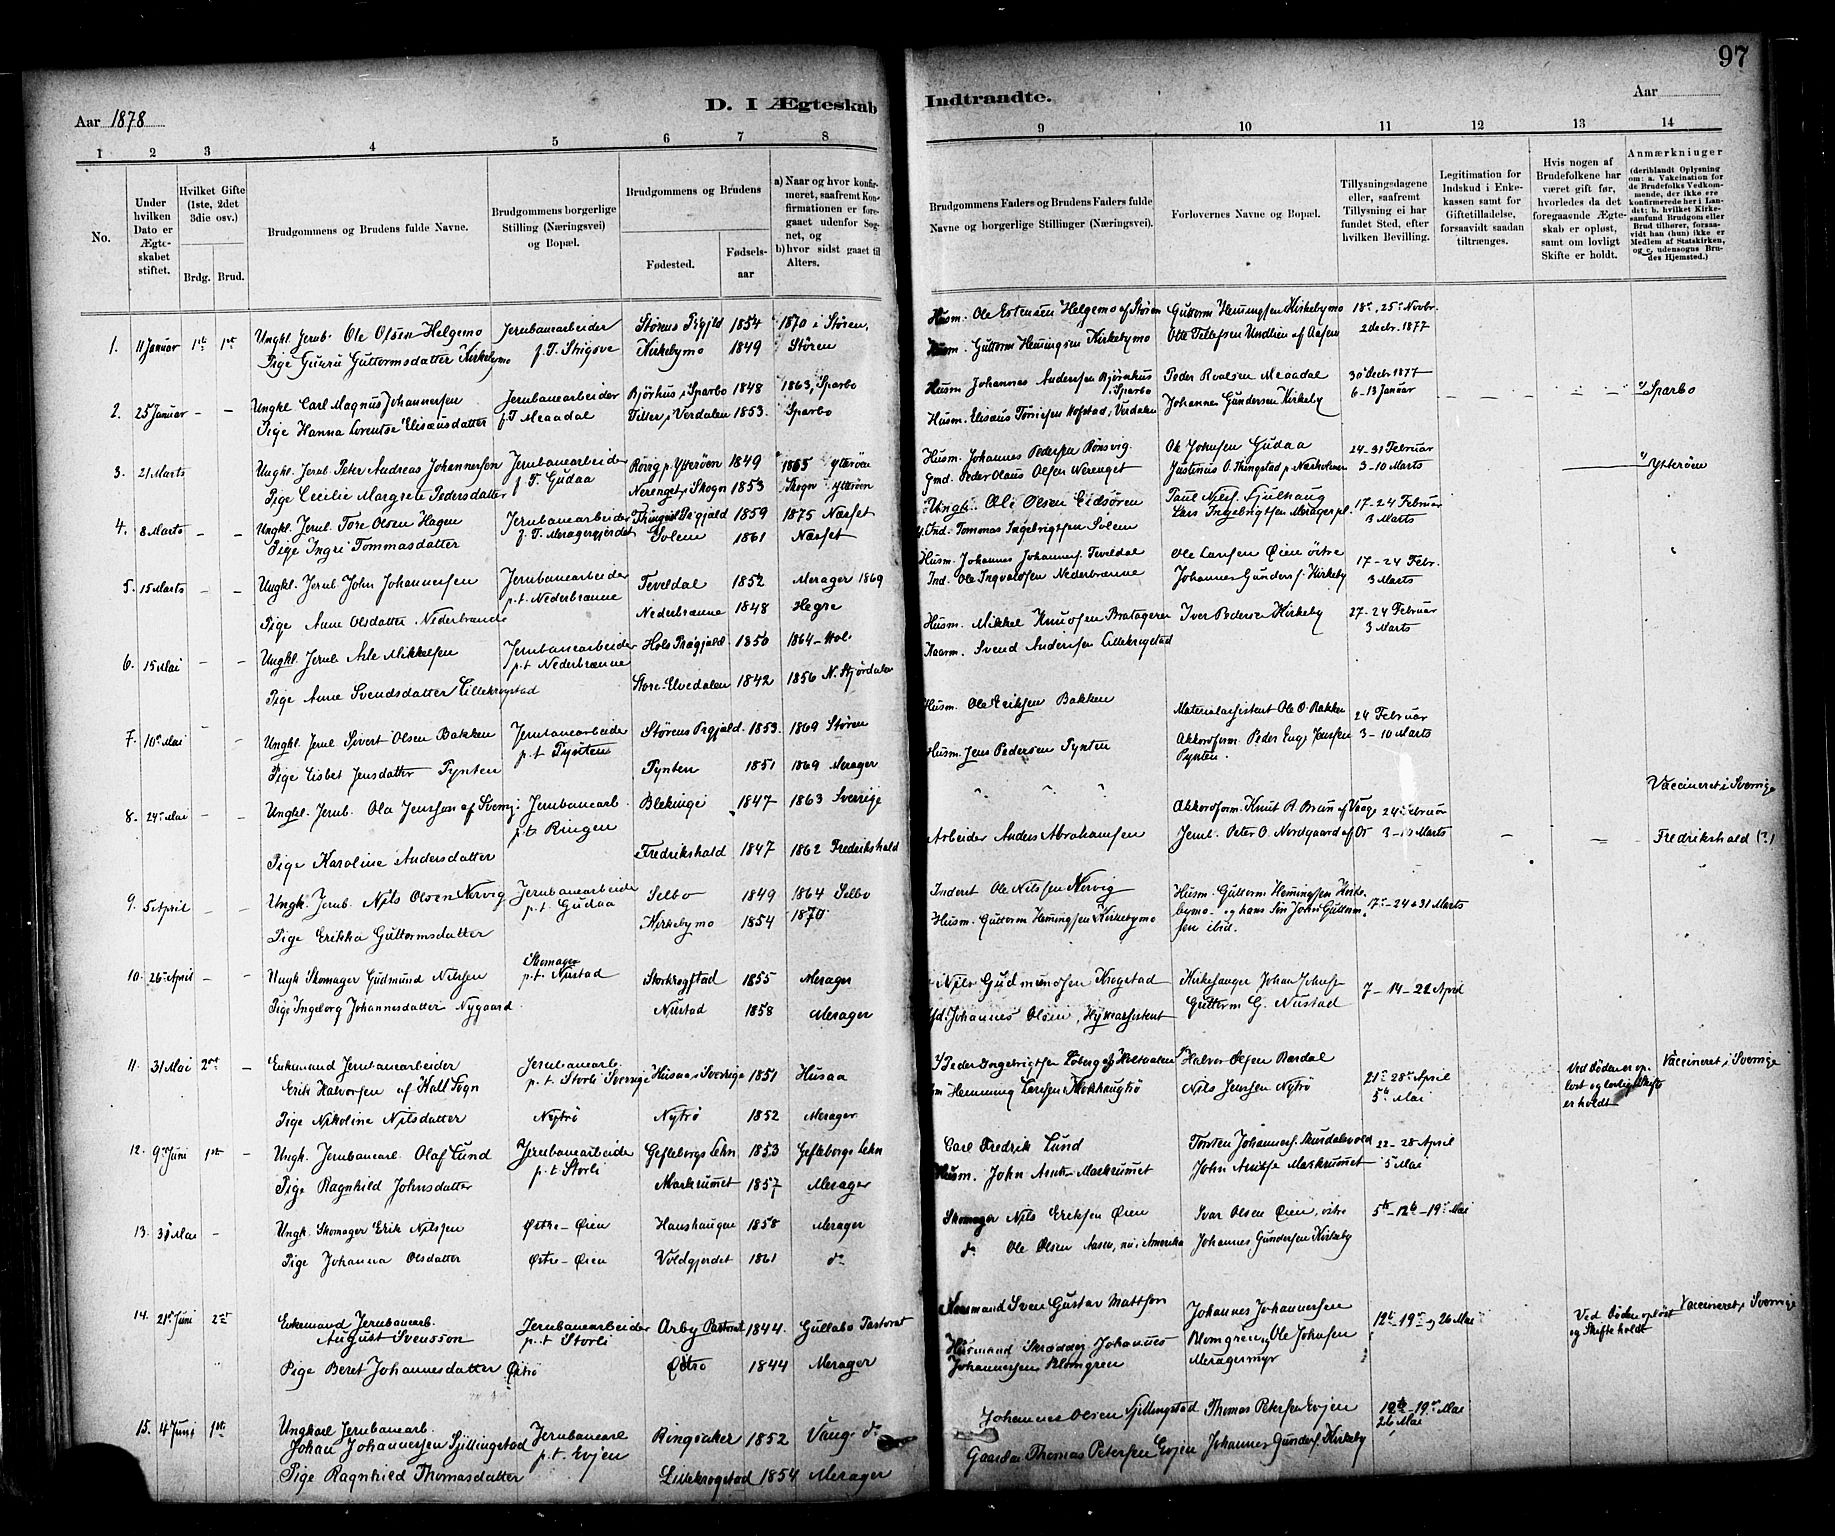 SAT, Ministerialprotokoller, klokkerbøker og fødselsregistre - Nord-Trøndelag, 706/L0047: Ministerialbok nr. 706A03, 1878-1892, s. 97